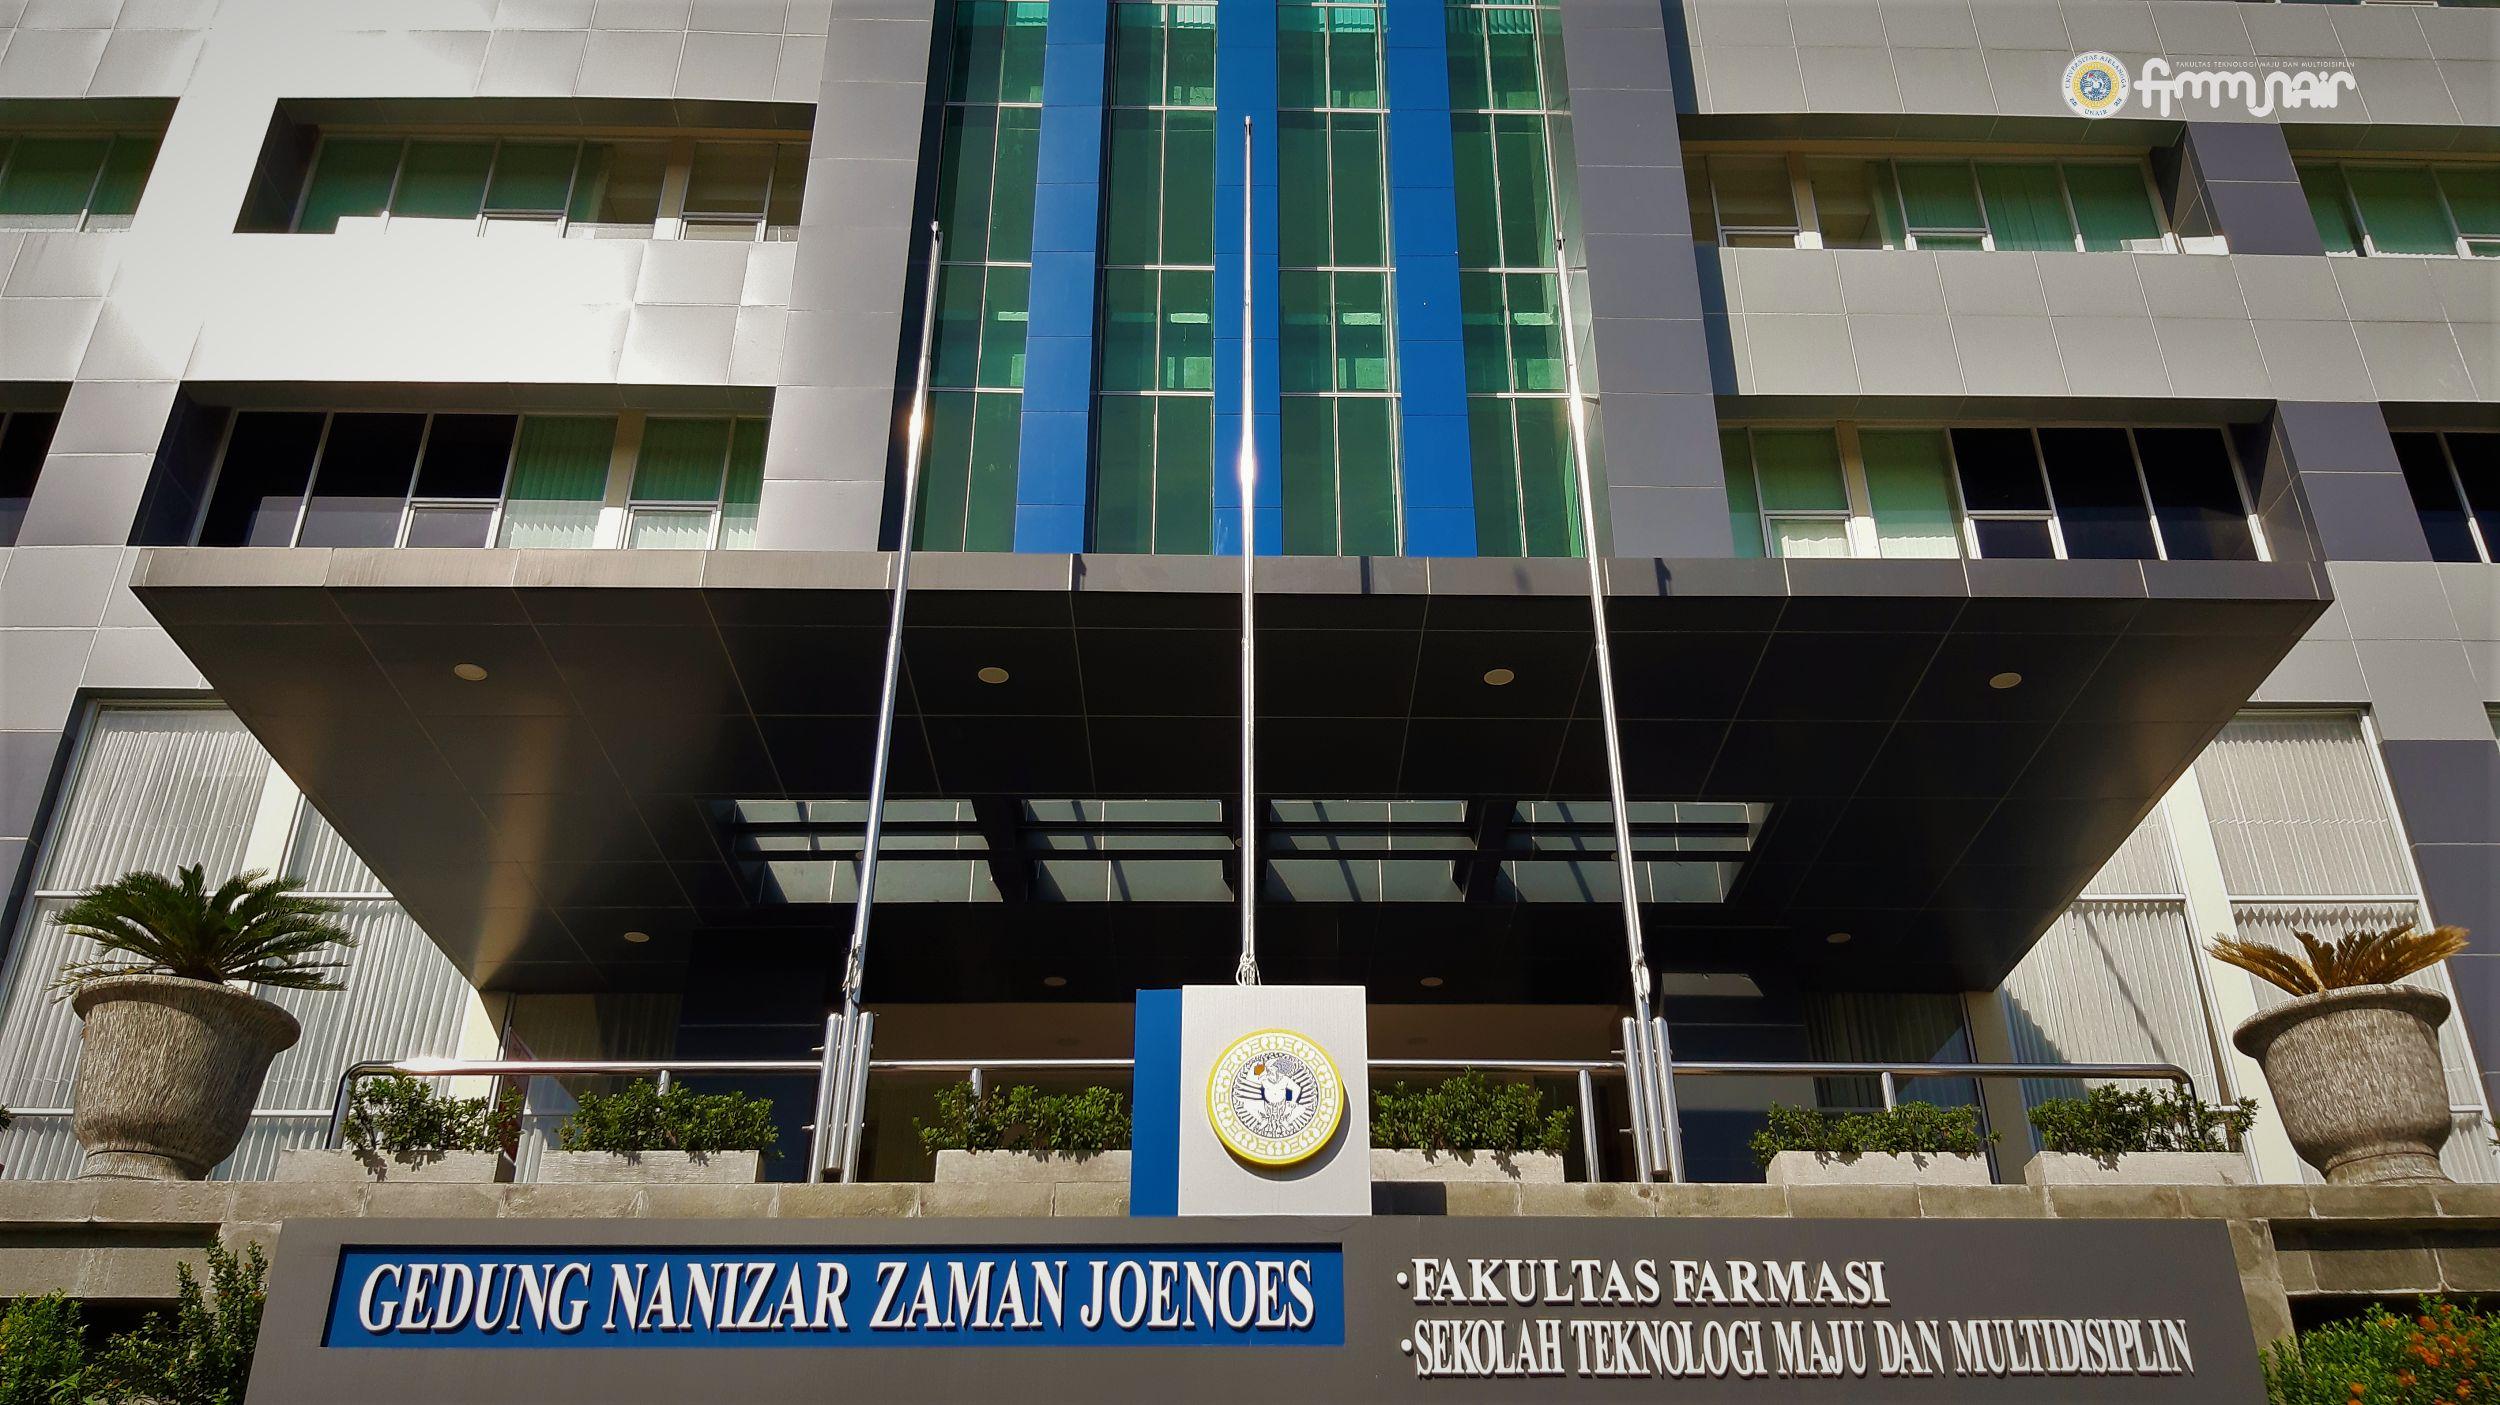 Departemen Teknologi Maju FTMM UNAIR Siap Berkontribusi untuk Tuntaskan Permasalahan Bangsa